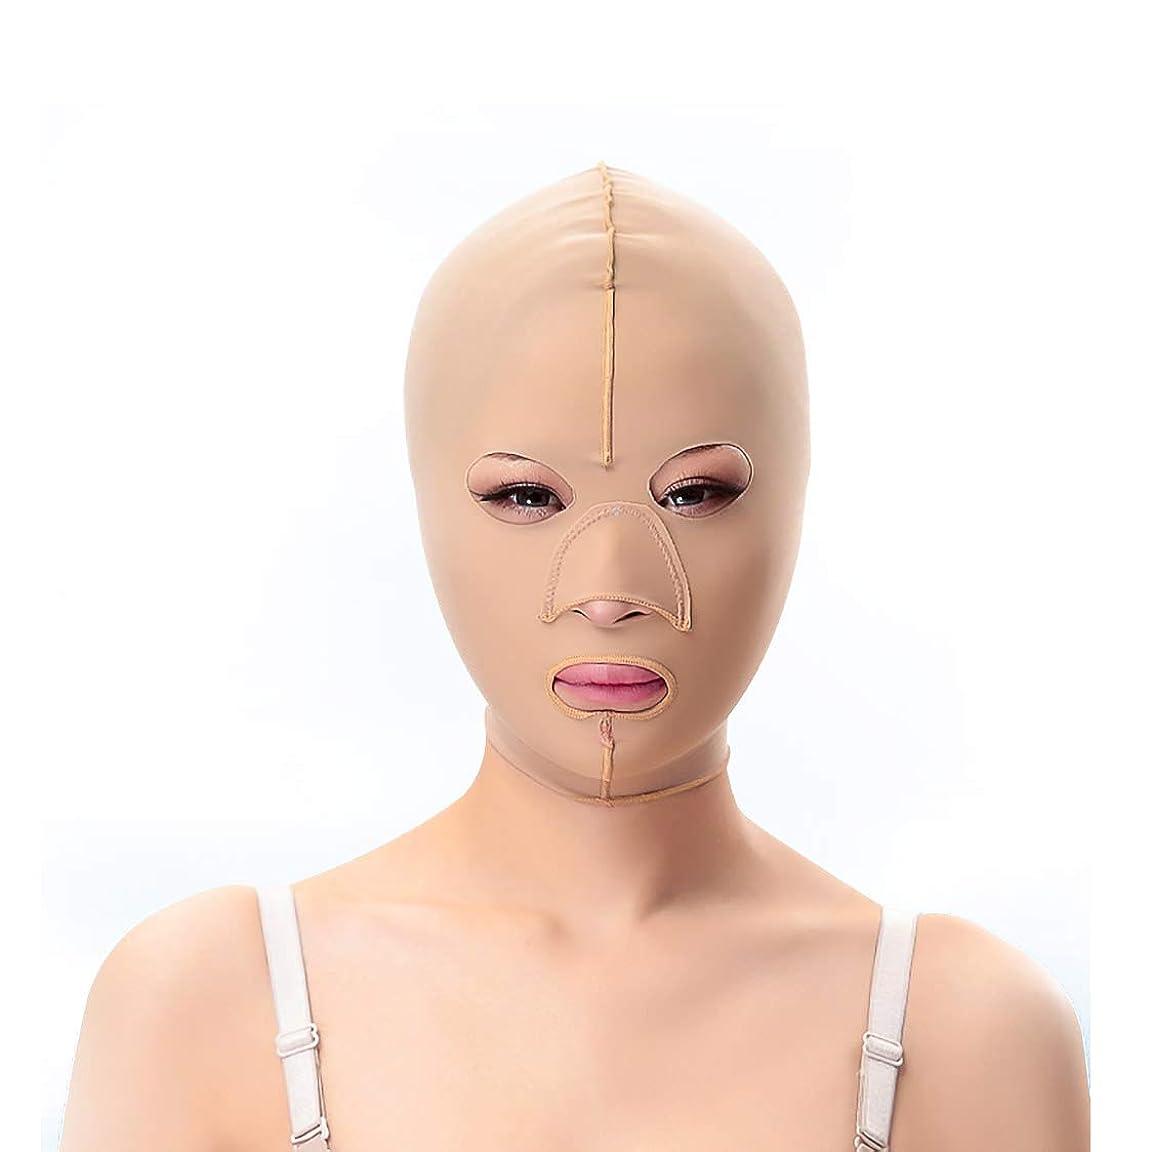 若者失望なぞらえるTLMY 減量ベルトマスクフェイスマスク神聖なパターンリフト二重あご引き締め顔面プラスチック顔面アーティファクト強力な顔面包帯 顔用整形マスク (Size : S)